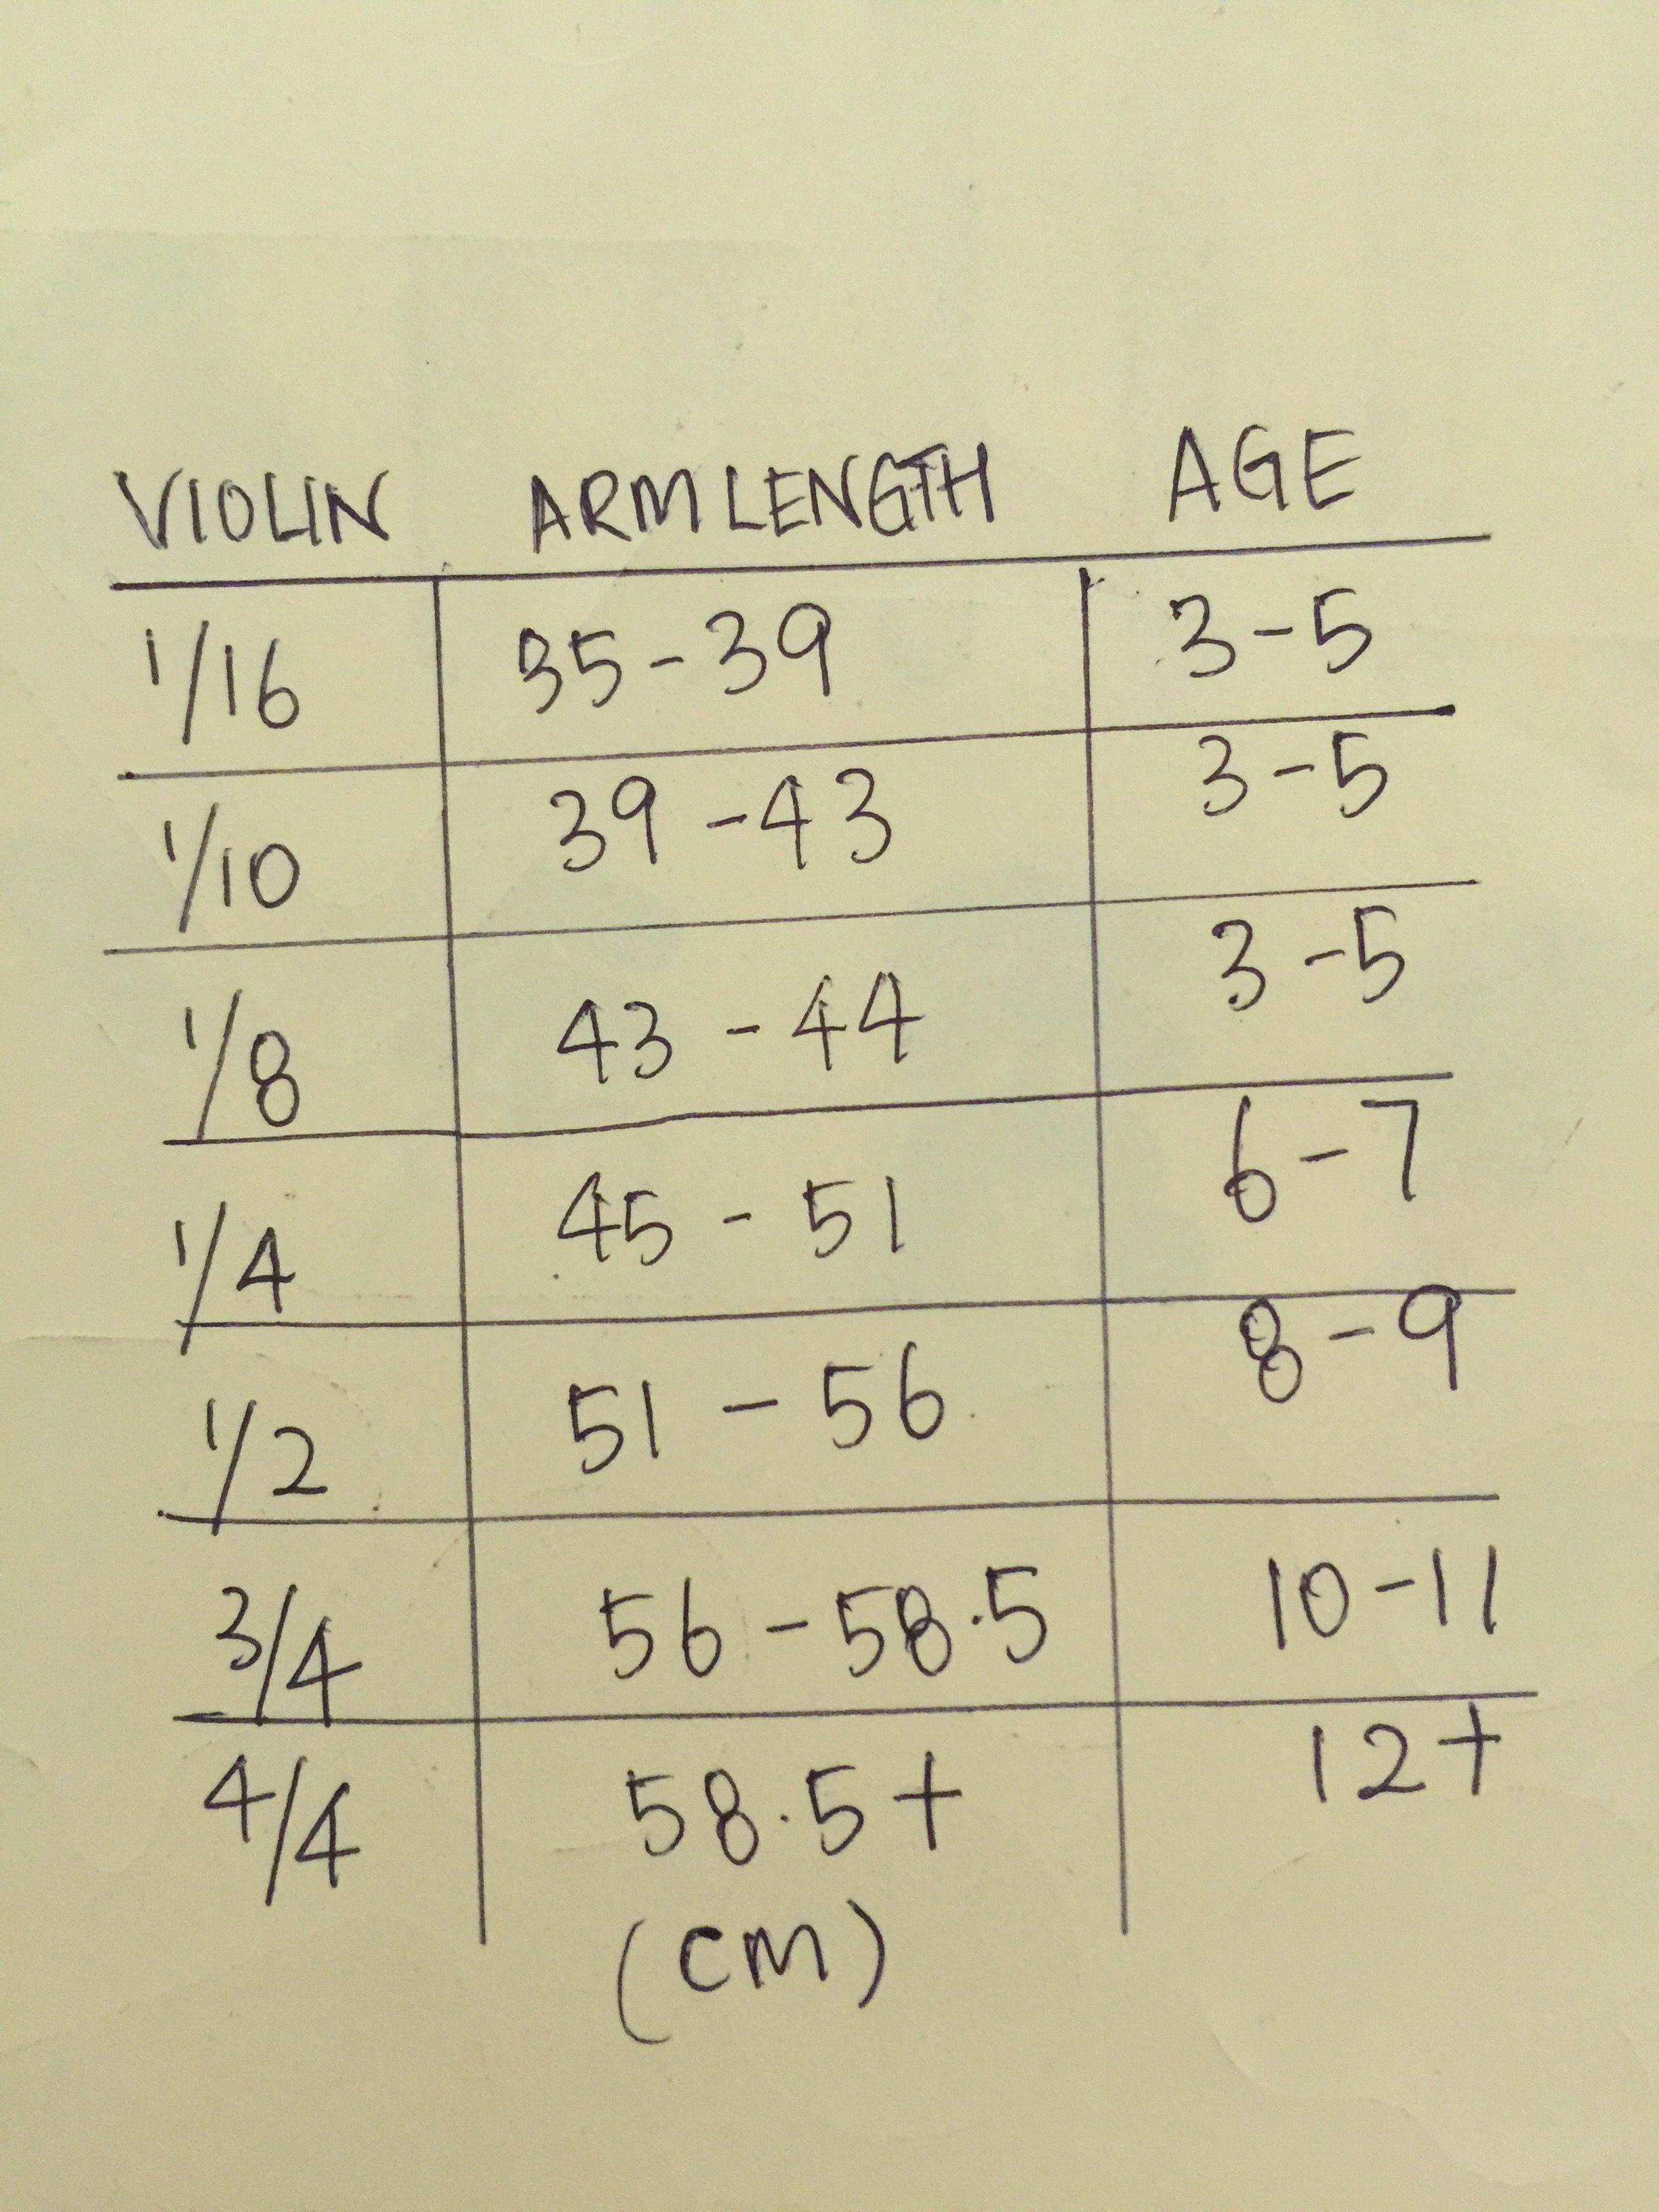 Afbeeldingsresultaat Voor Violin Measurements Violin Sizes Violin Lessons Learn Violin